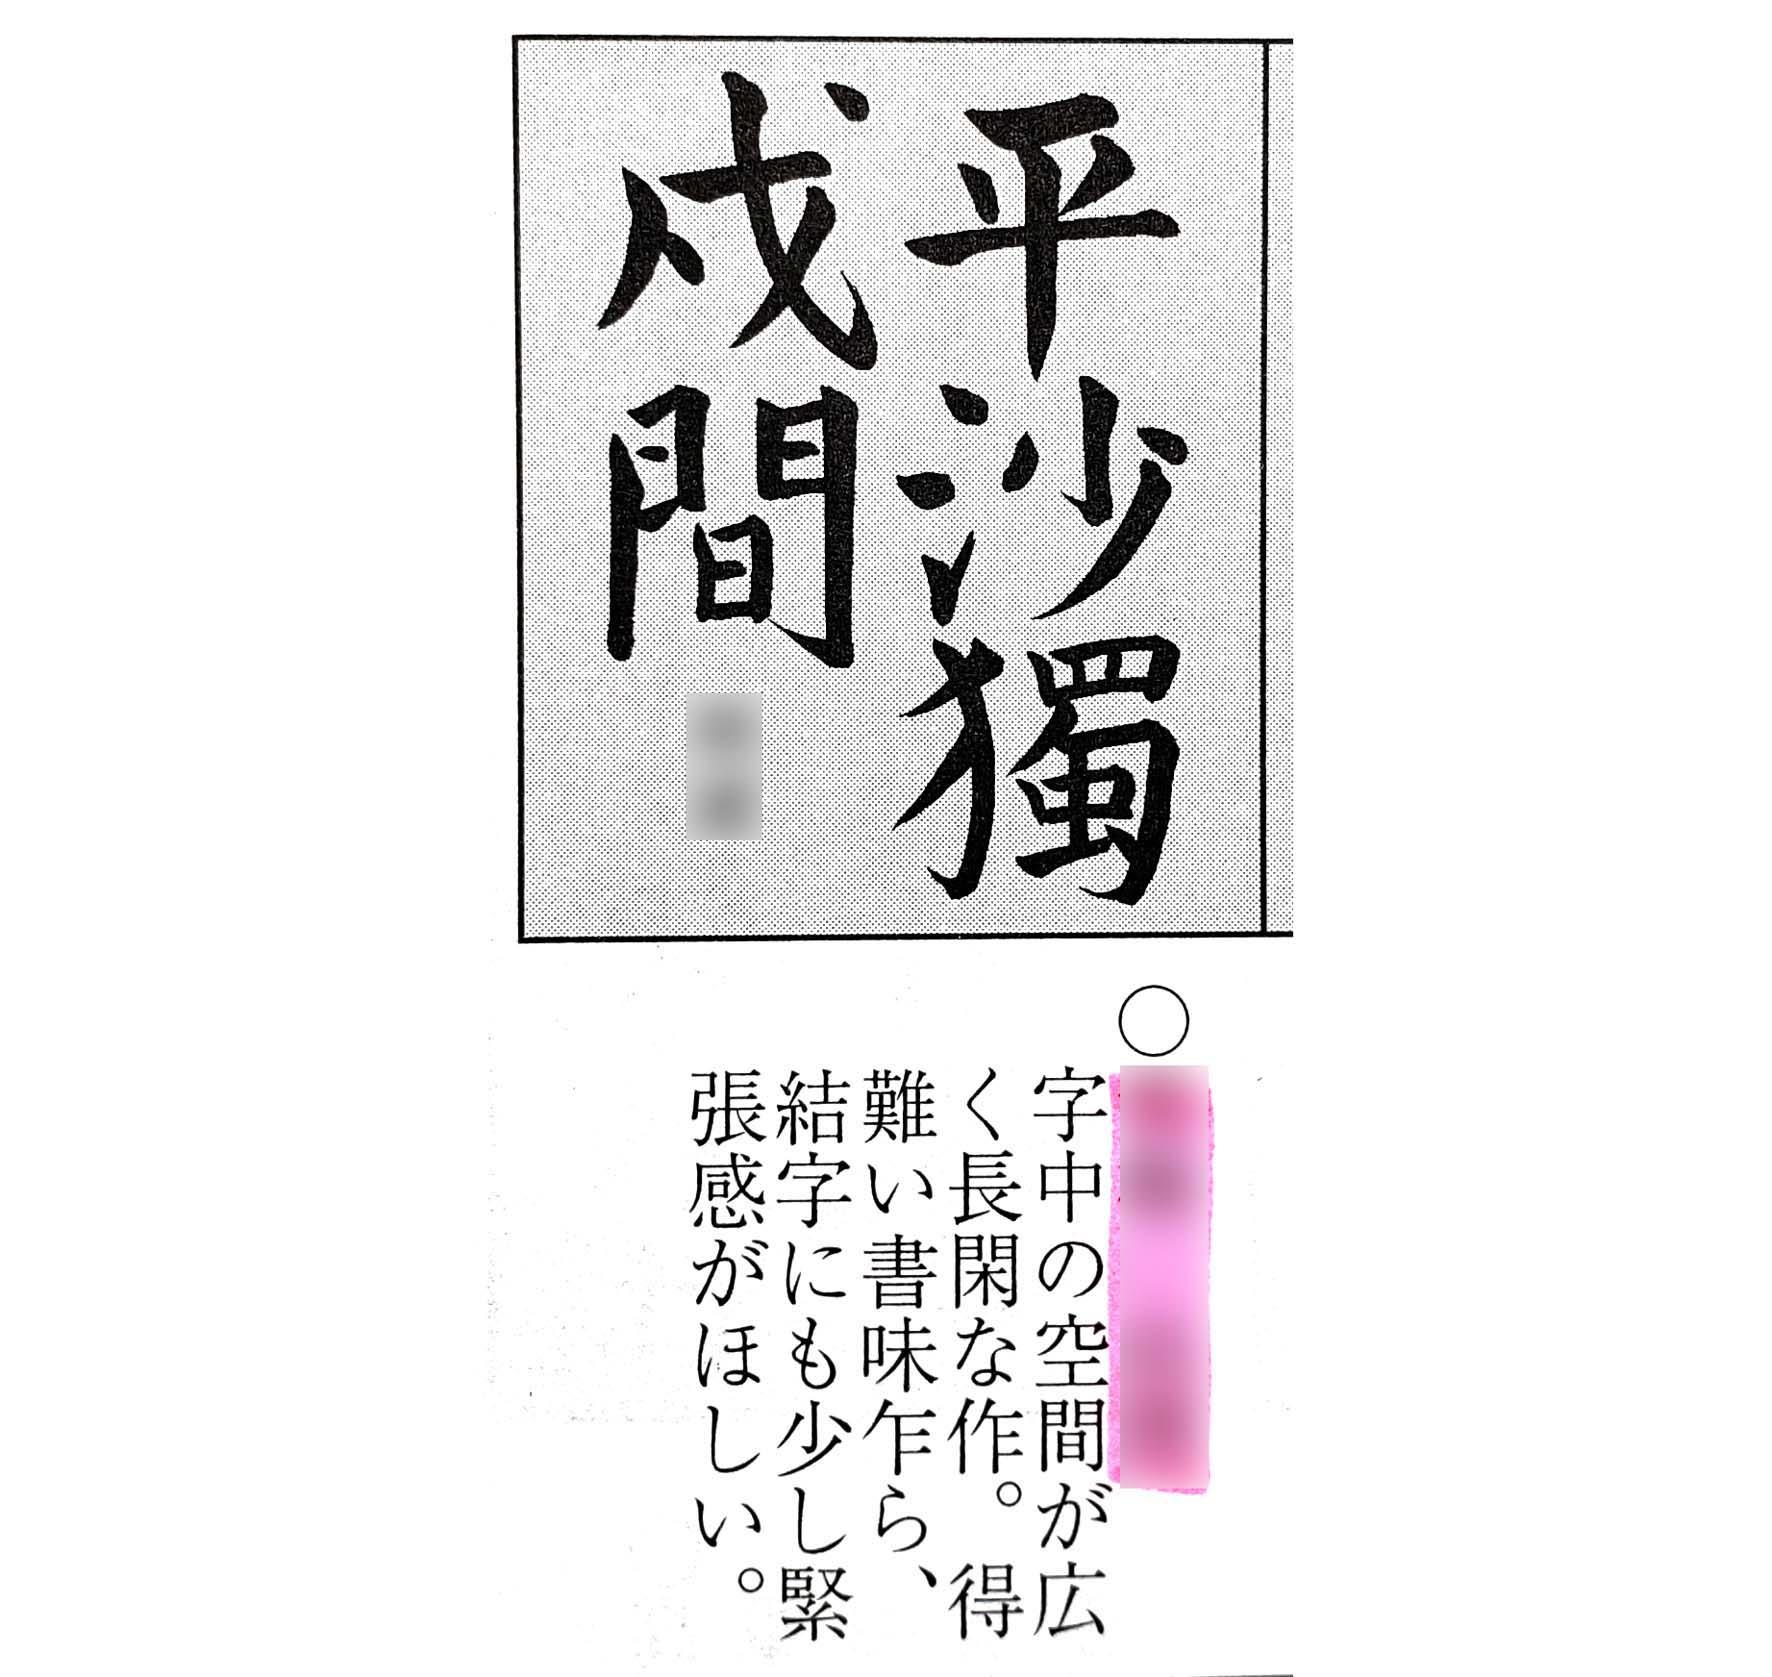 競書に写真掲載された、一般部の漢字楷書作品/鎌倉市長谷の書道教室